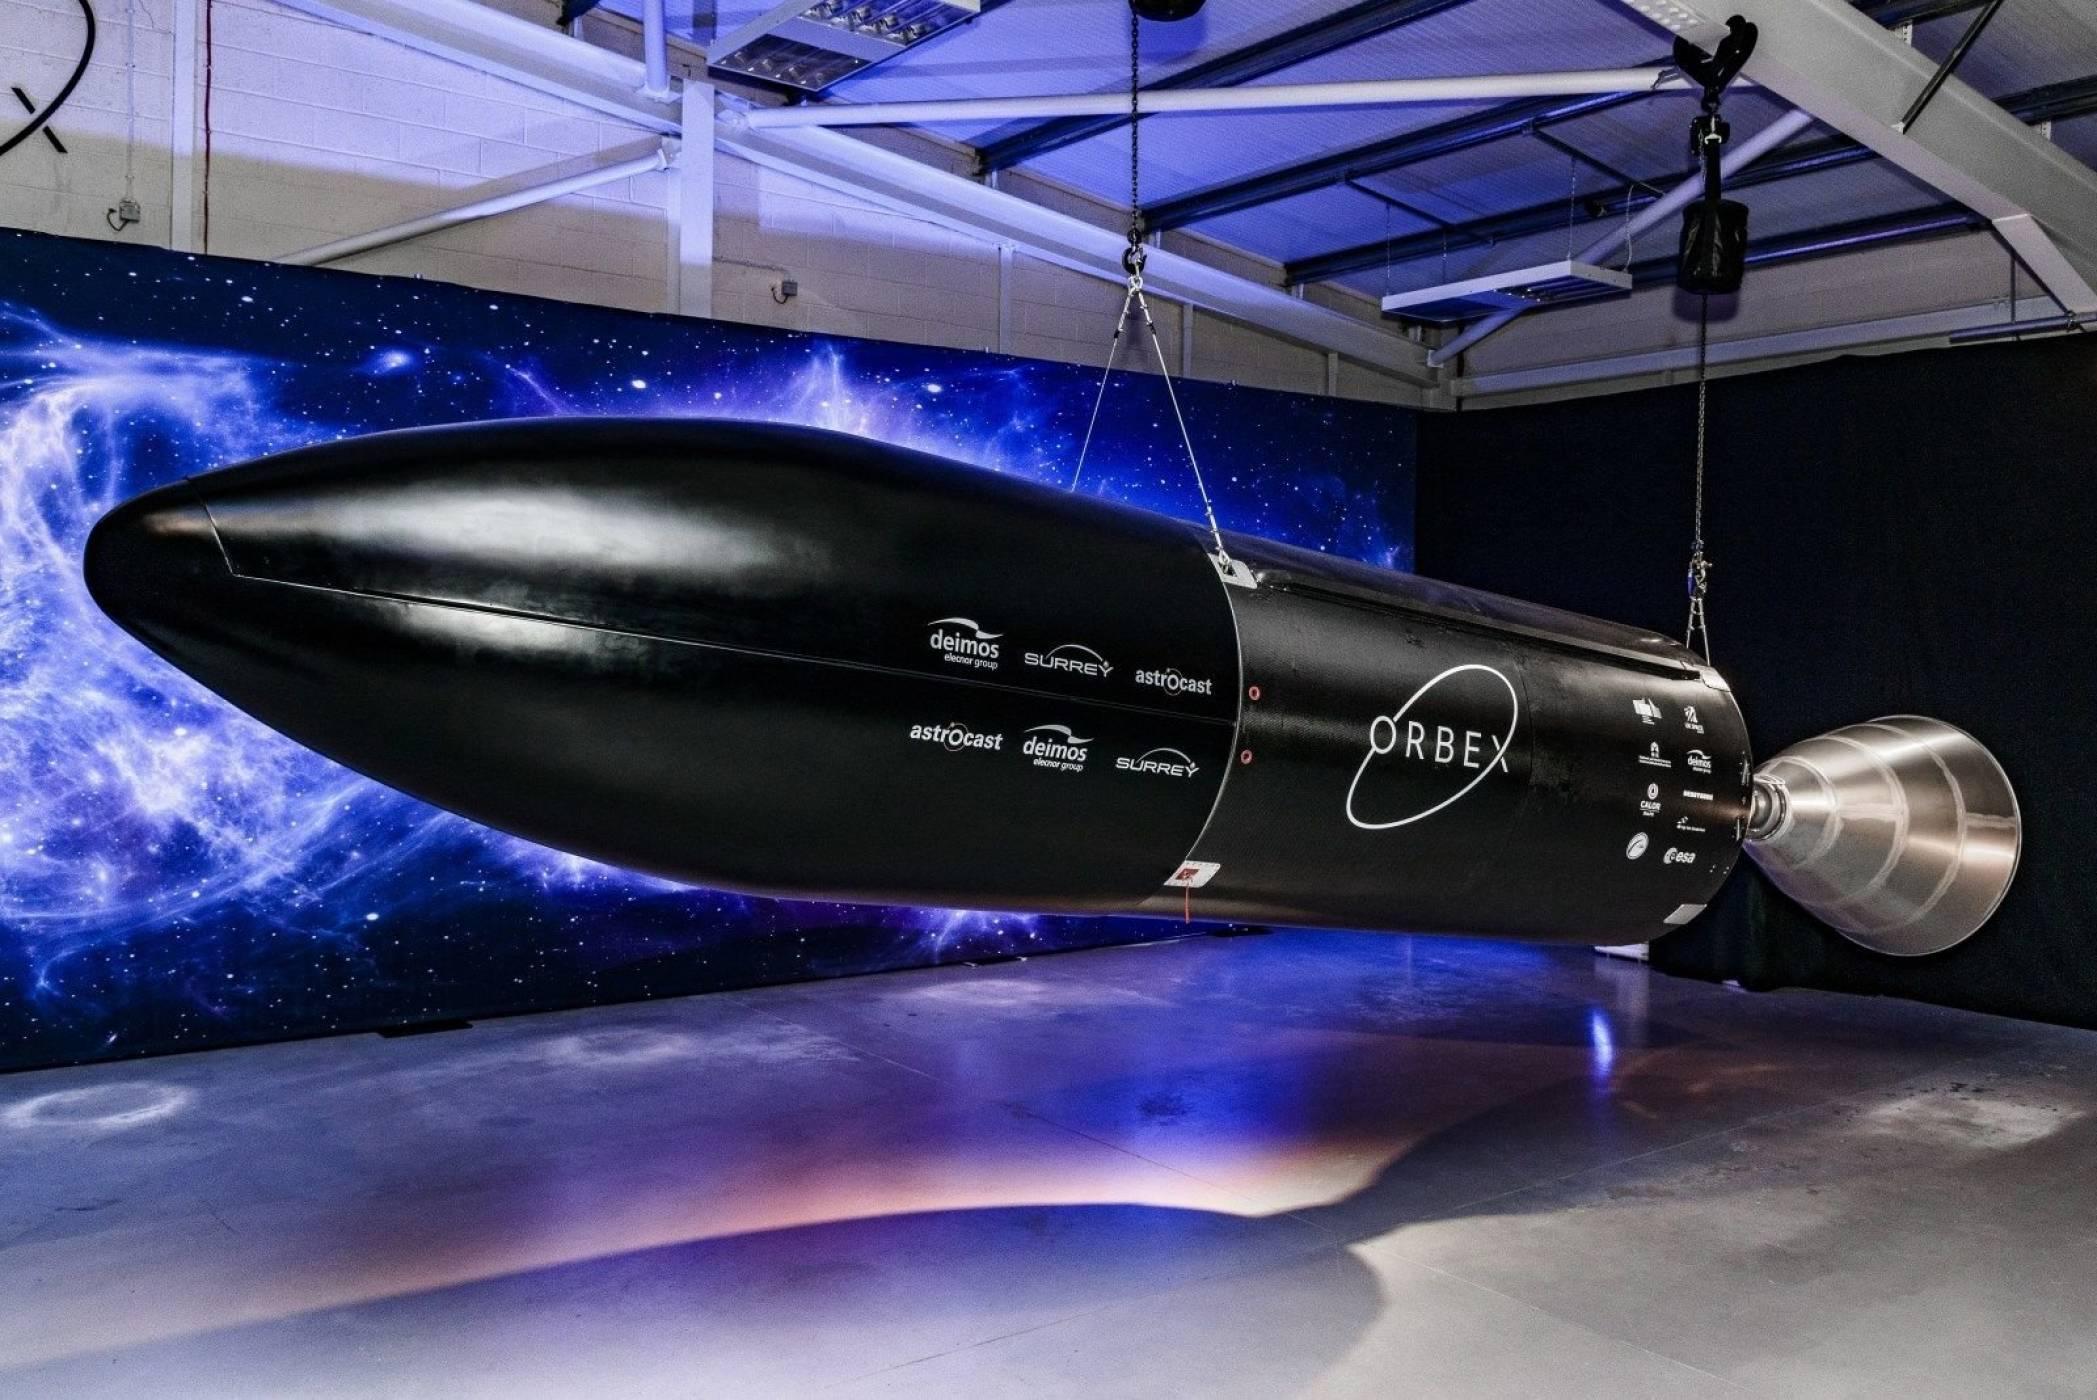 Това е най-големият 3D принтиран ракетен двигател в света